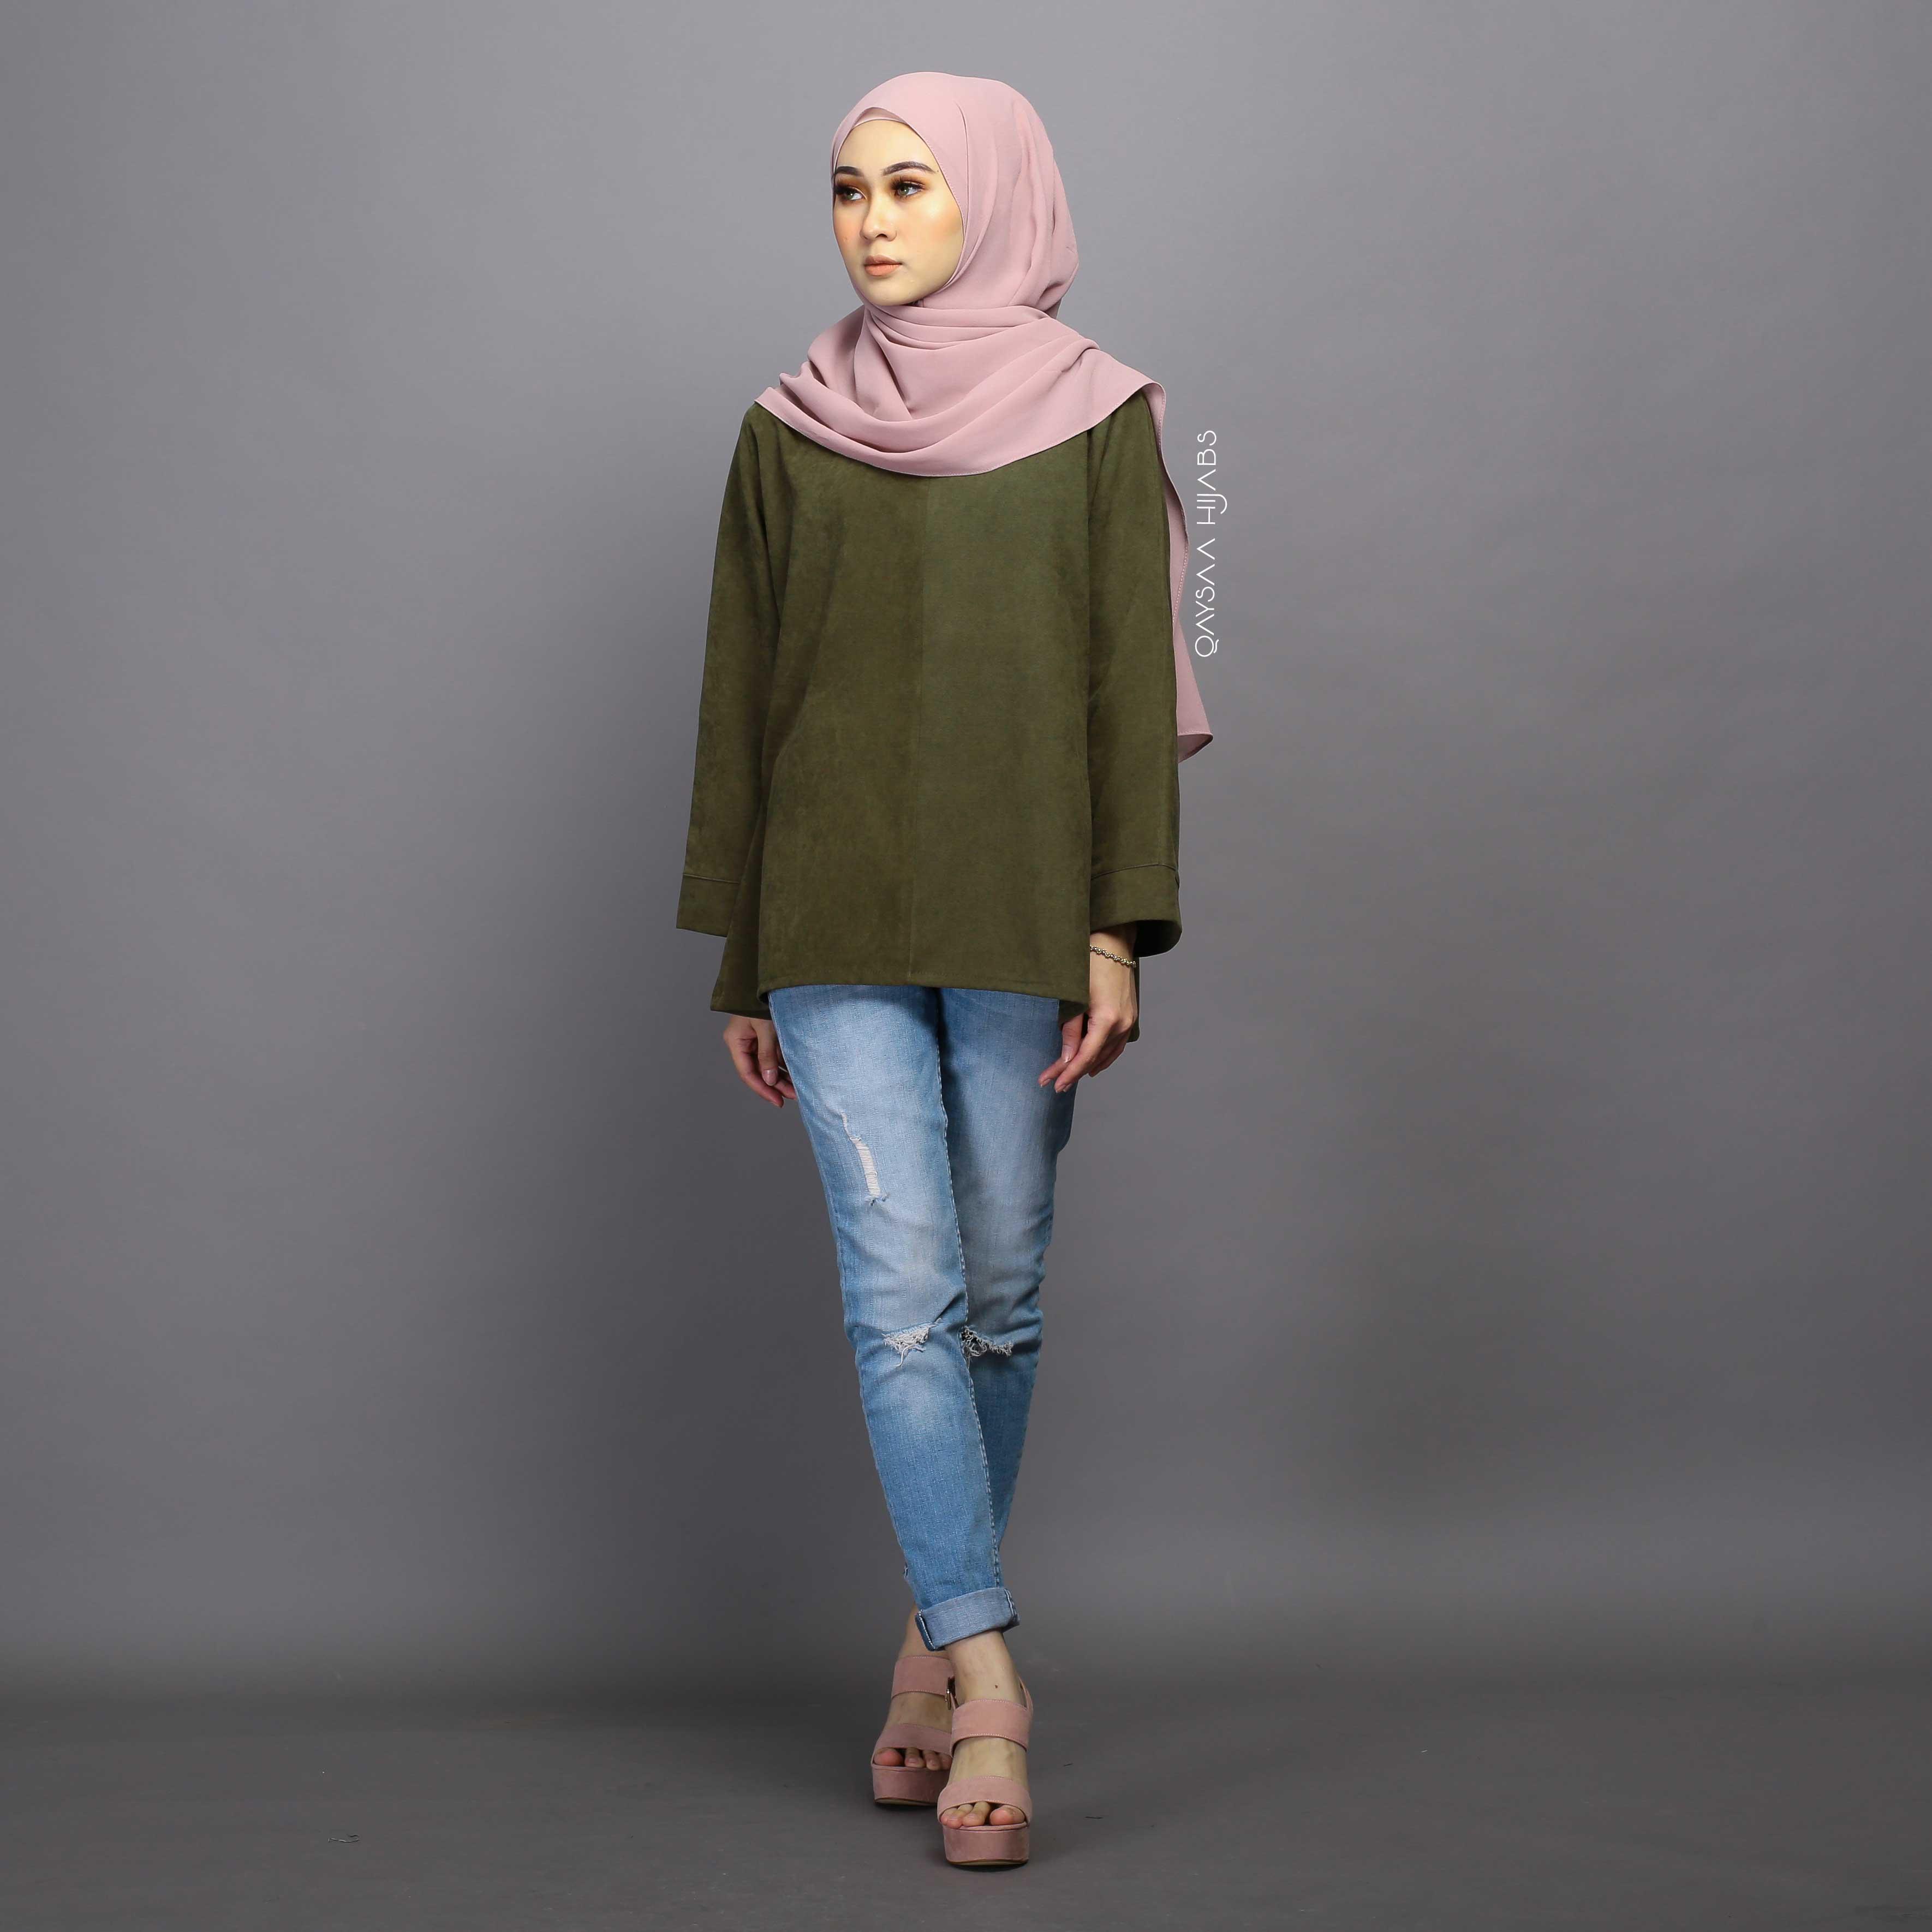 15 Trend Fesyen Muslimah Yang Bergaya 2018 Mybaju Blog